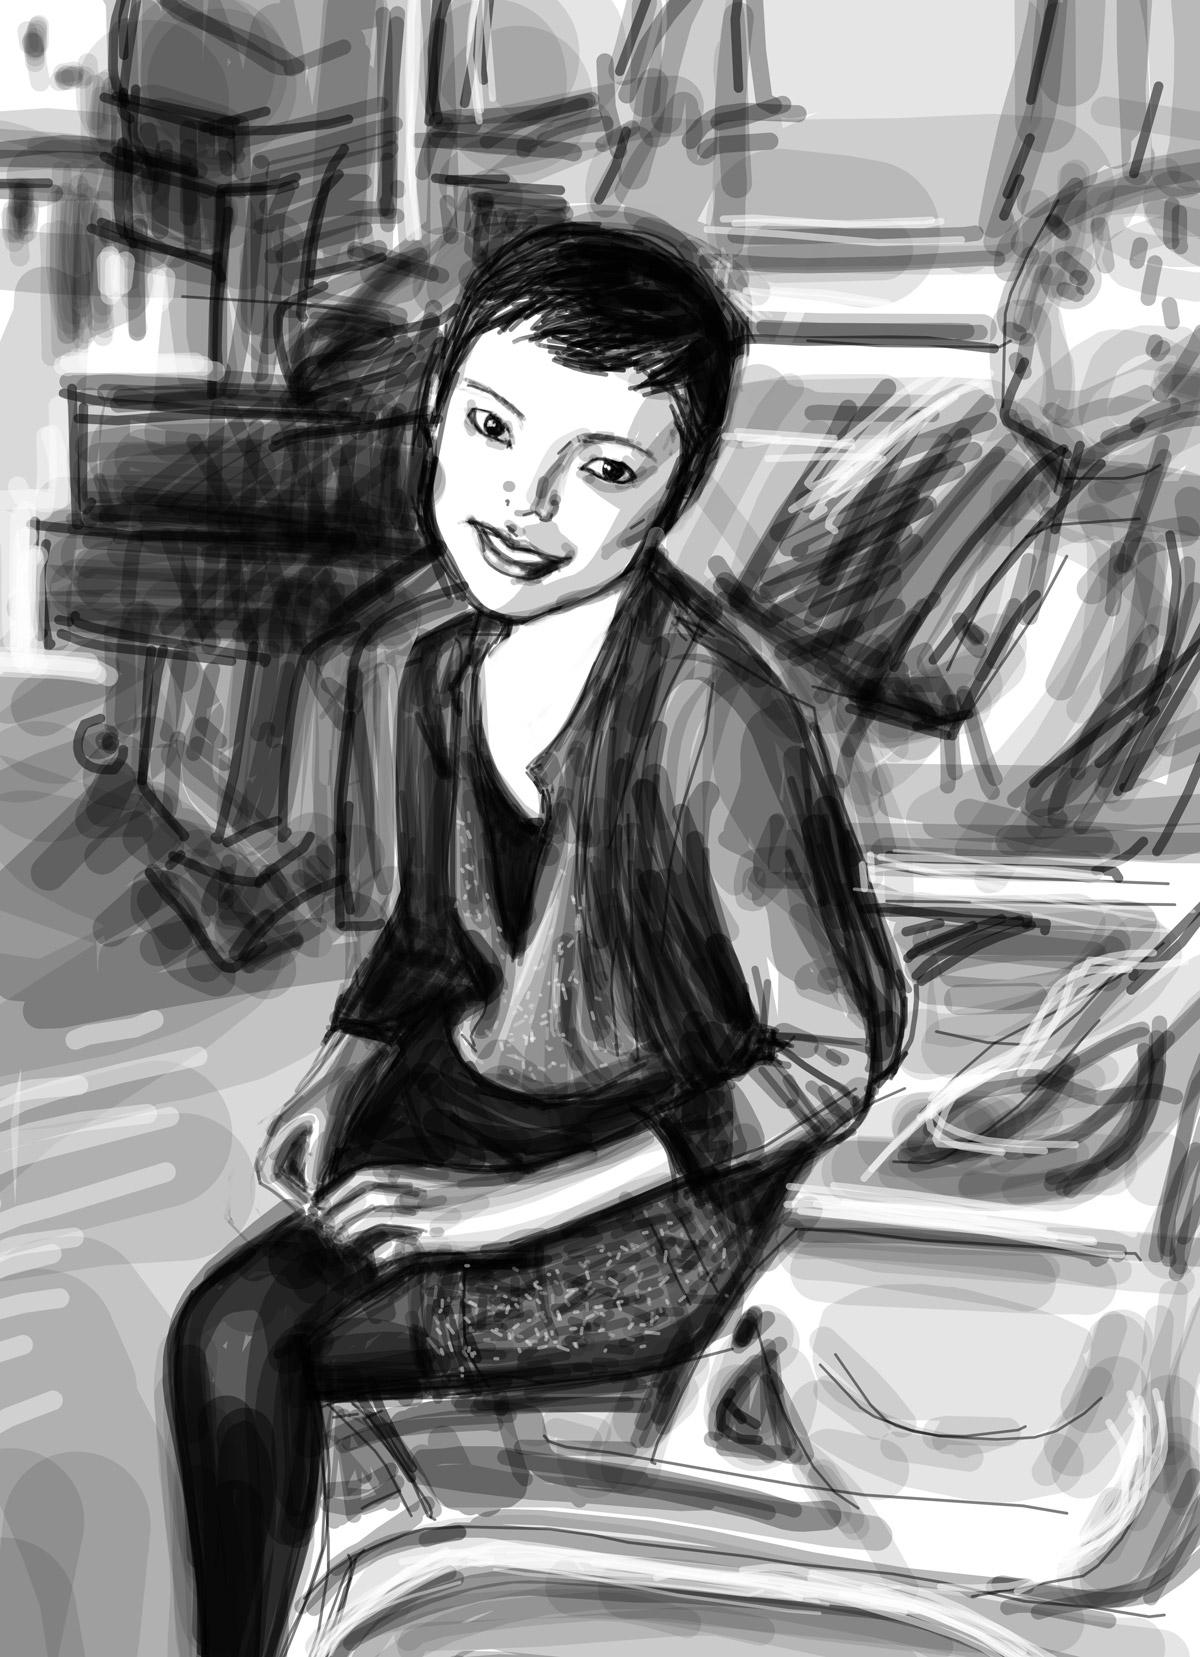 Saori | Saori | portrait réalisé sur Iphone